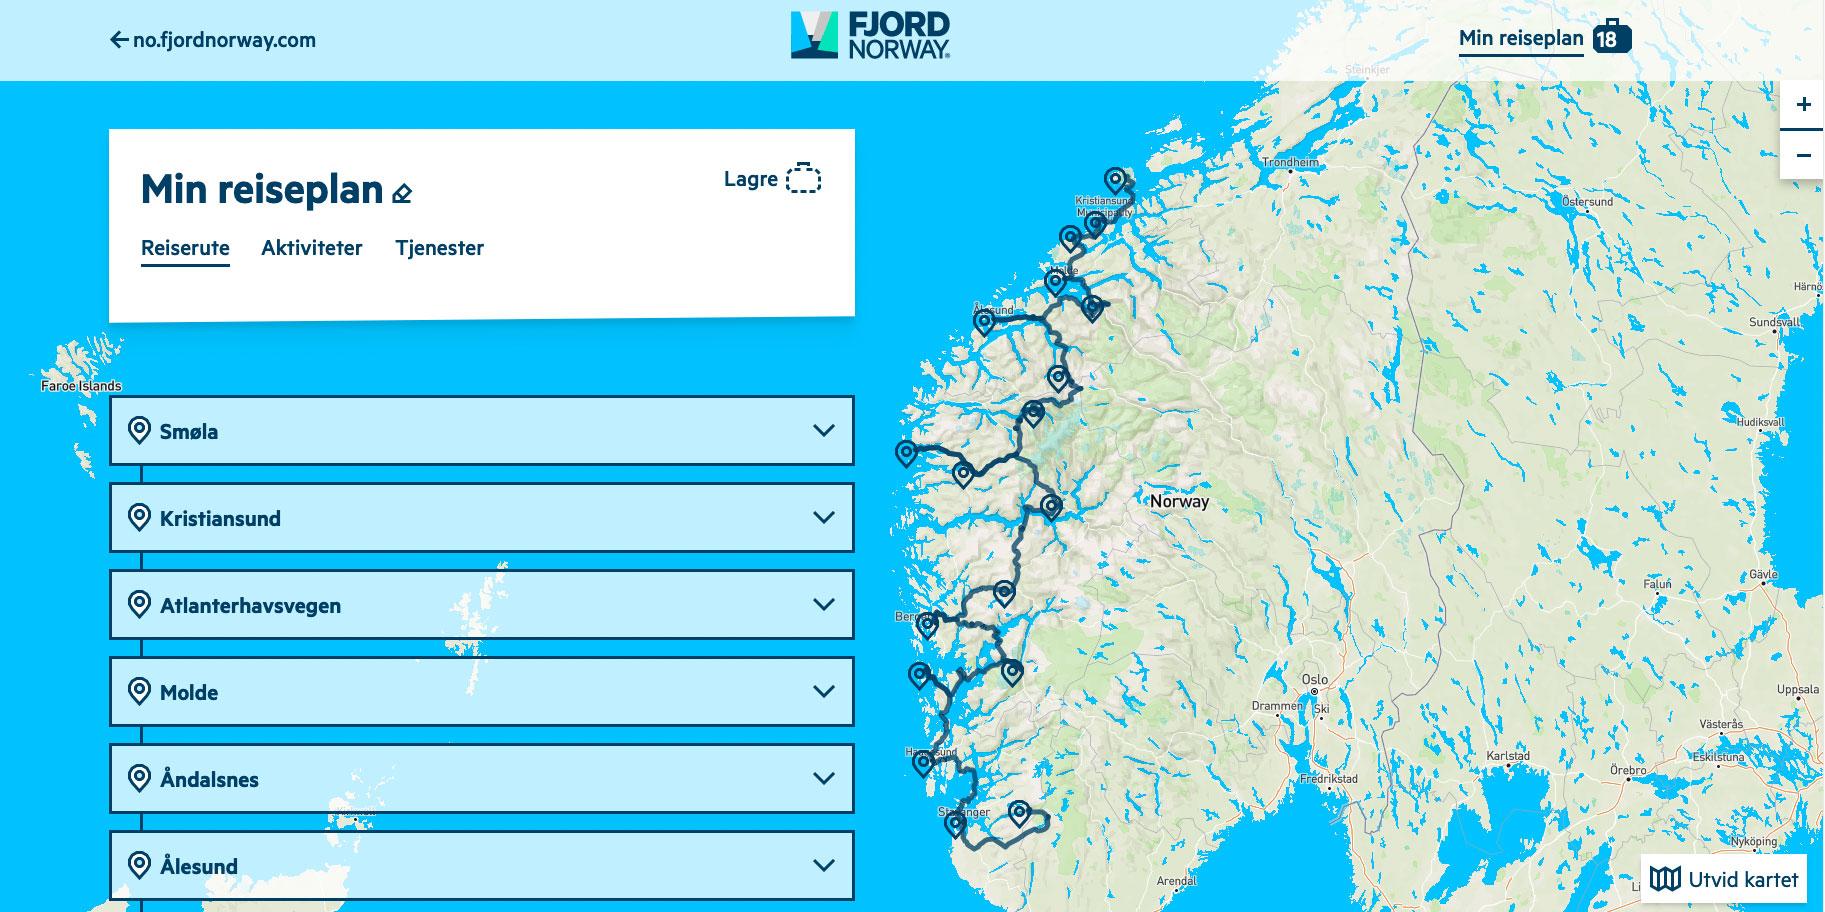 Reiseplanleggeren gjør det enkelt å planlegge ferien i hele Fjord Norge